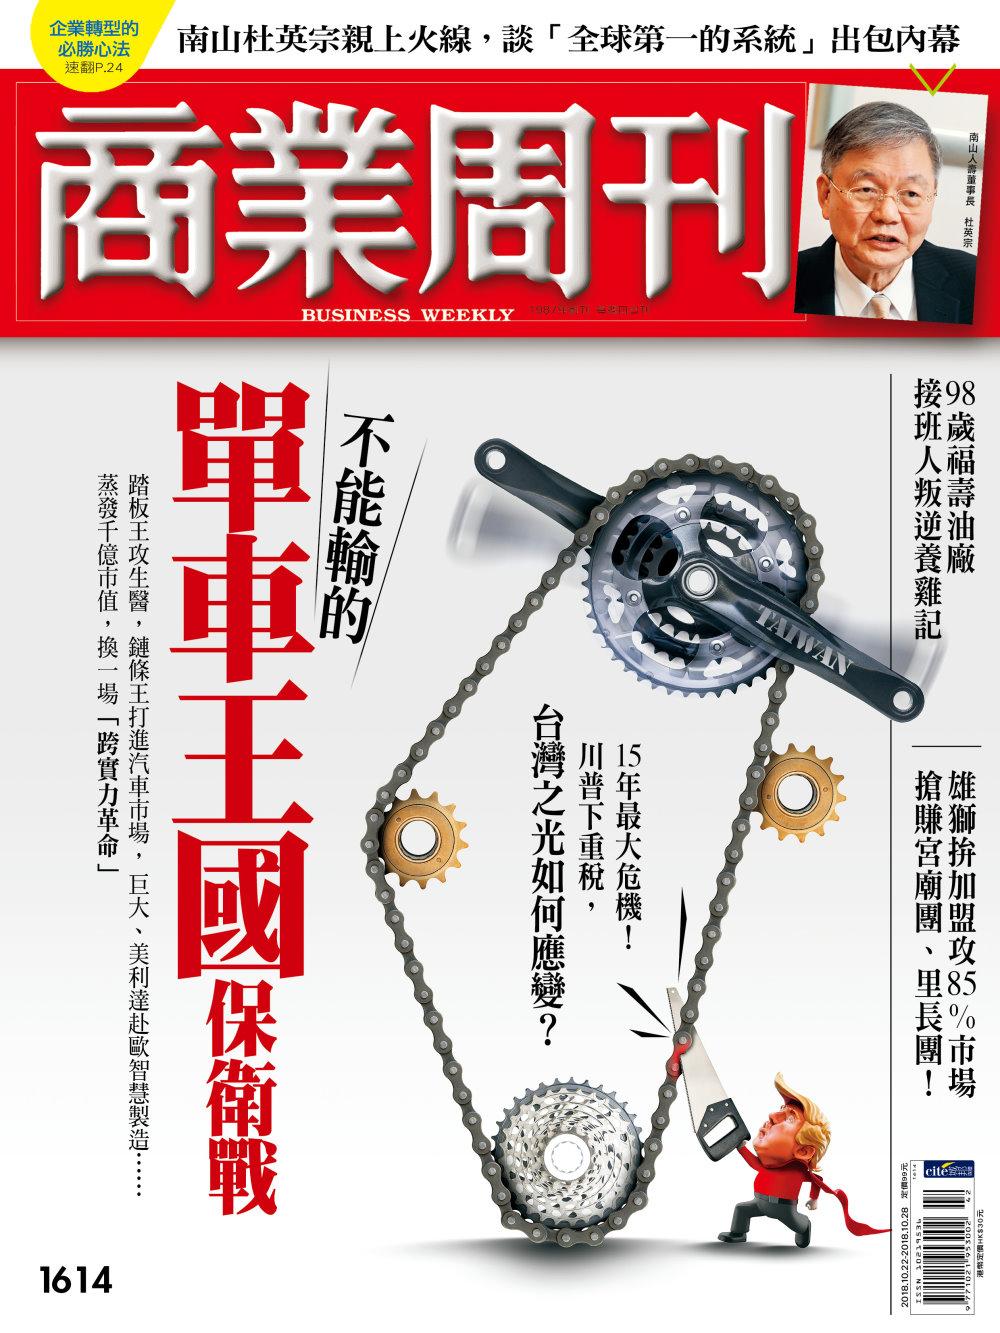 商業周刊 2018/10/18第1614期